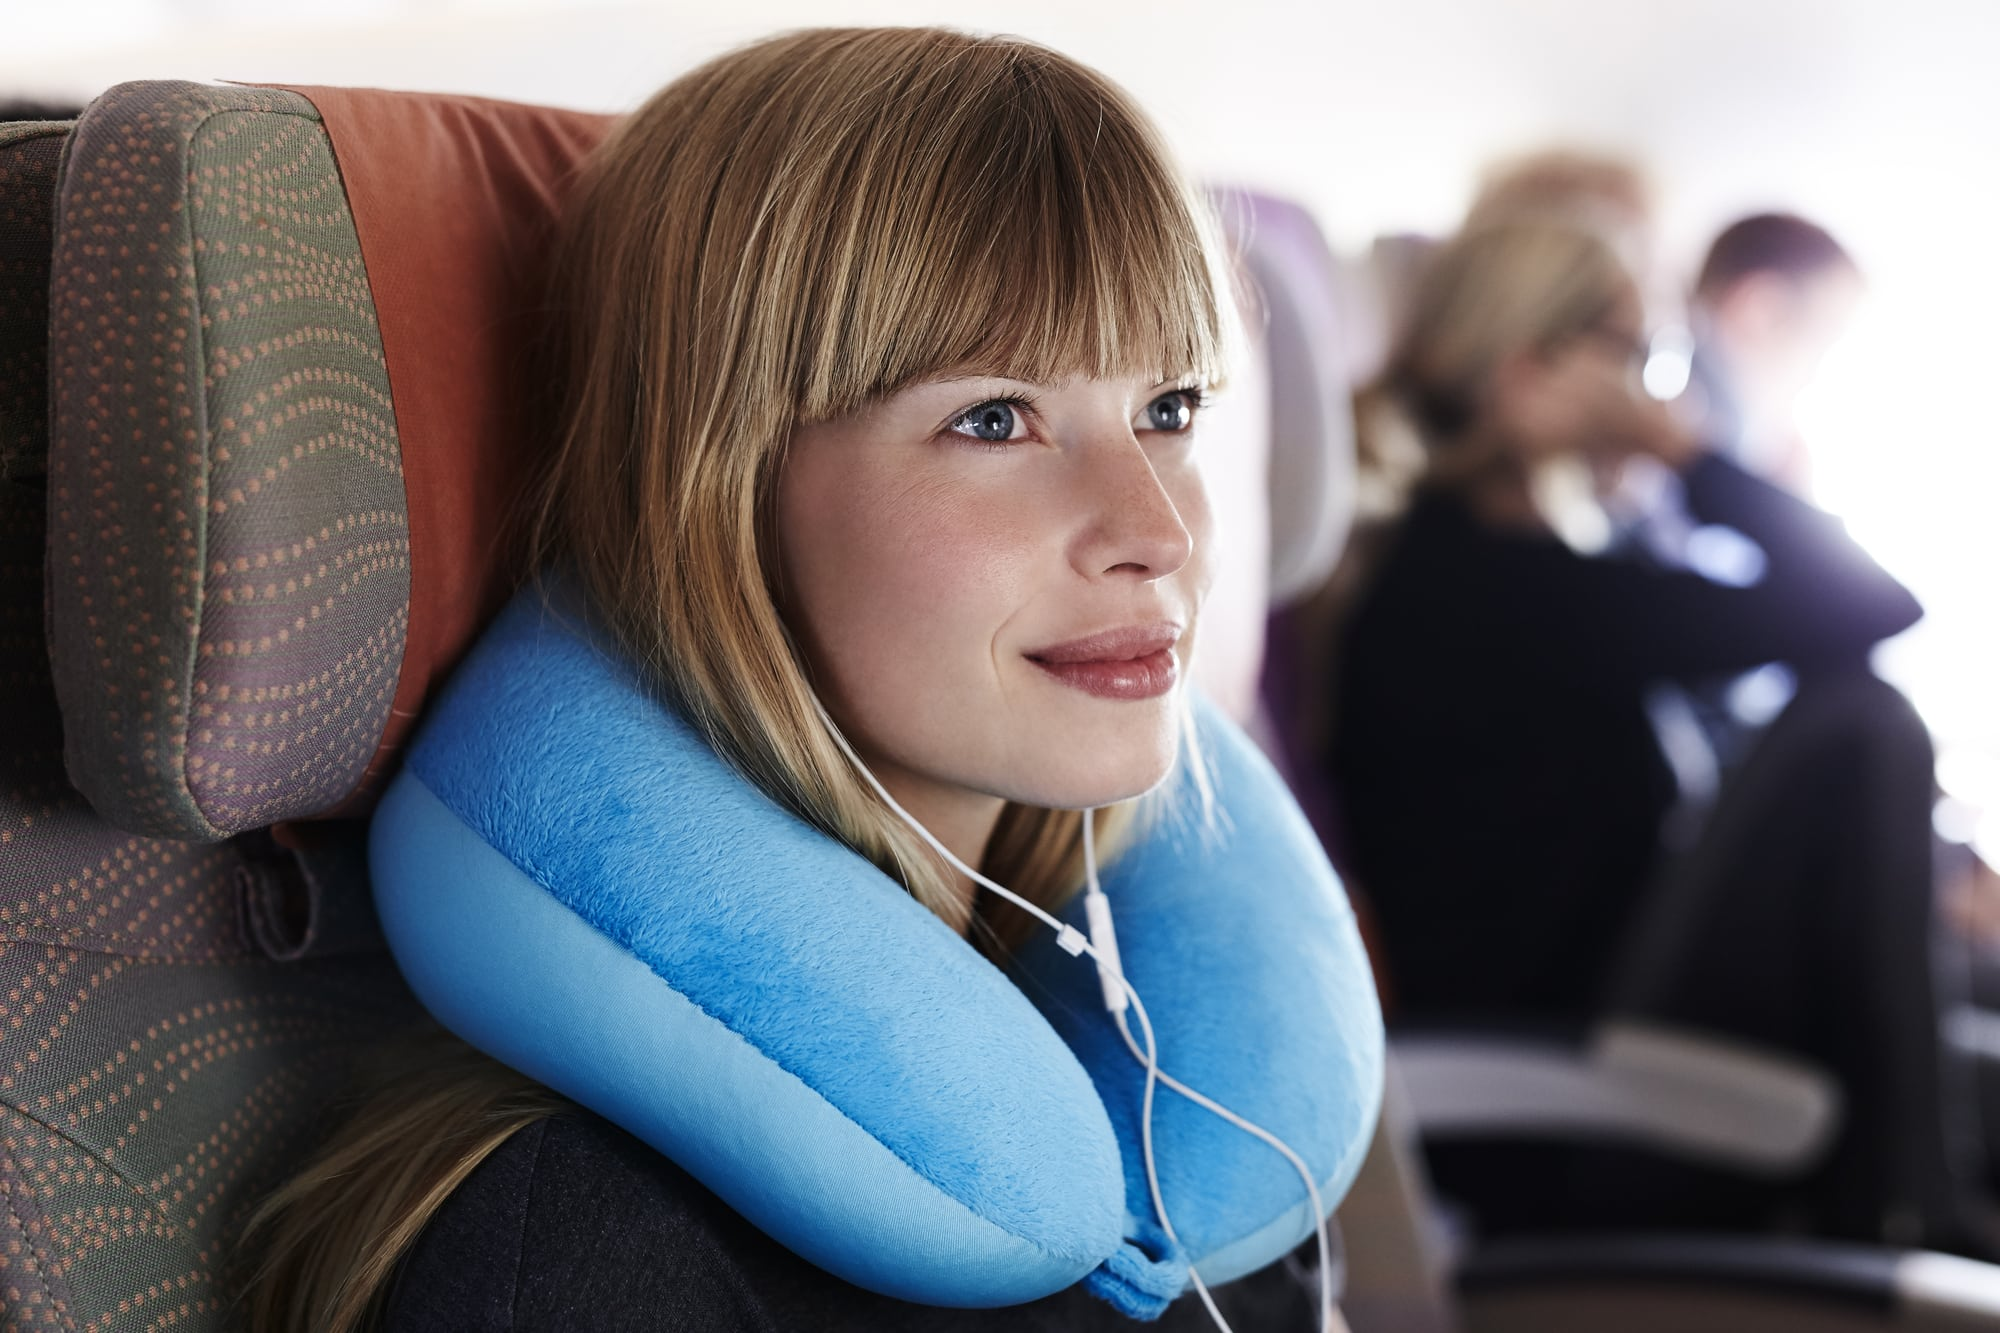 Beautiful passenger on plane